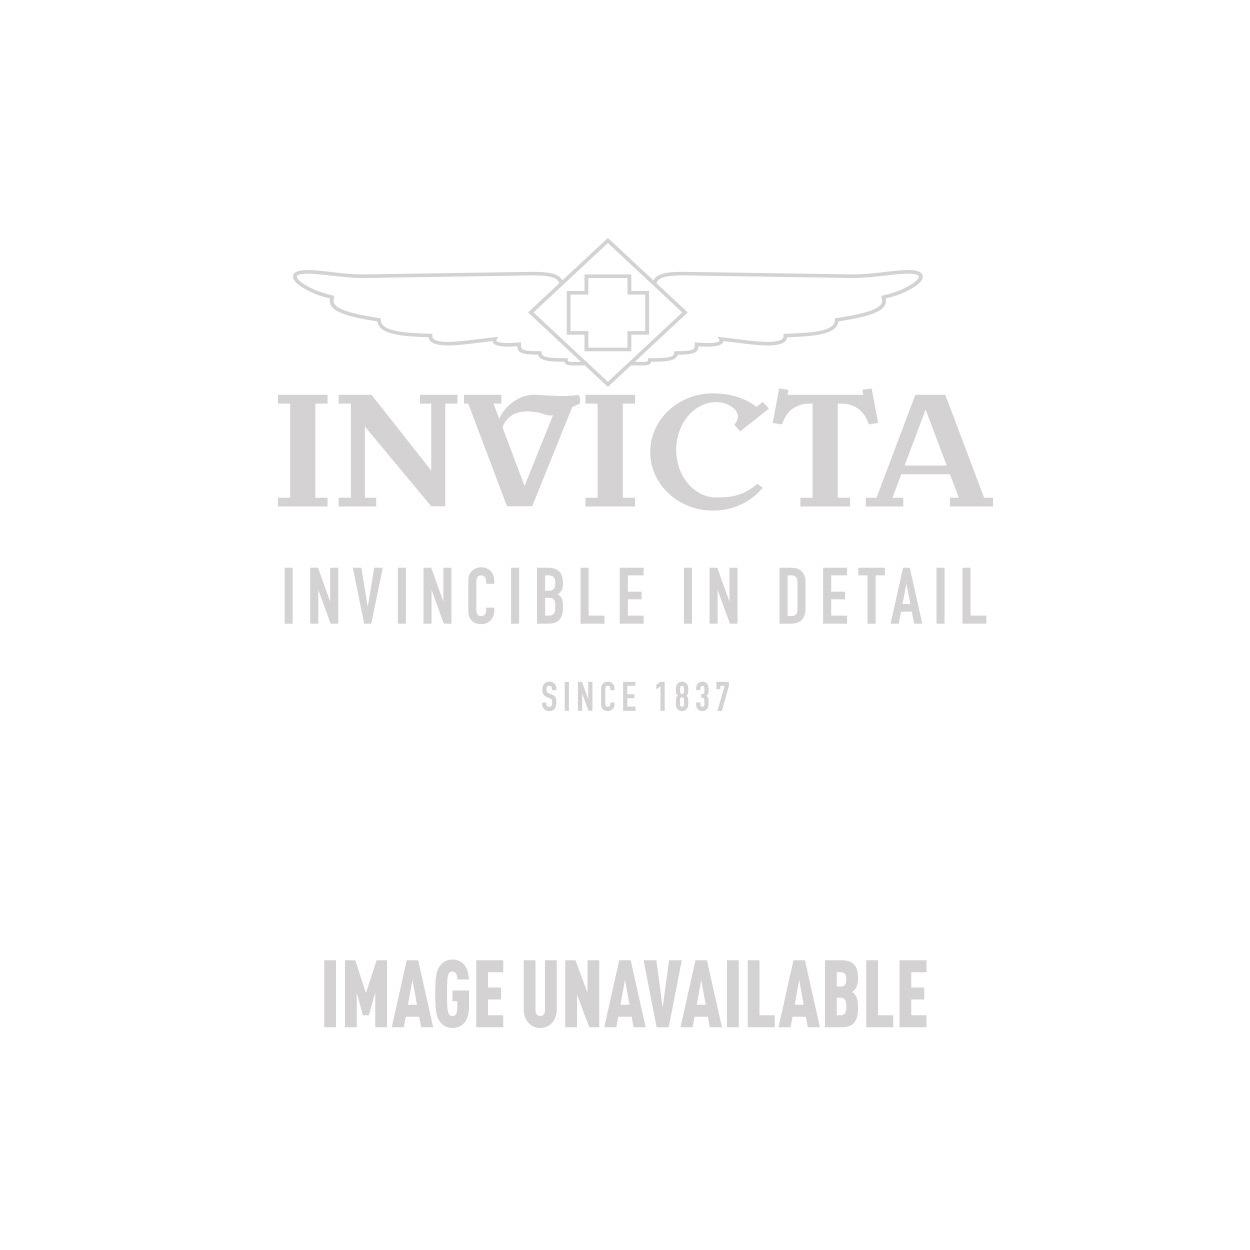 Invicta Model 26988